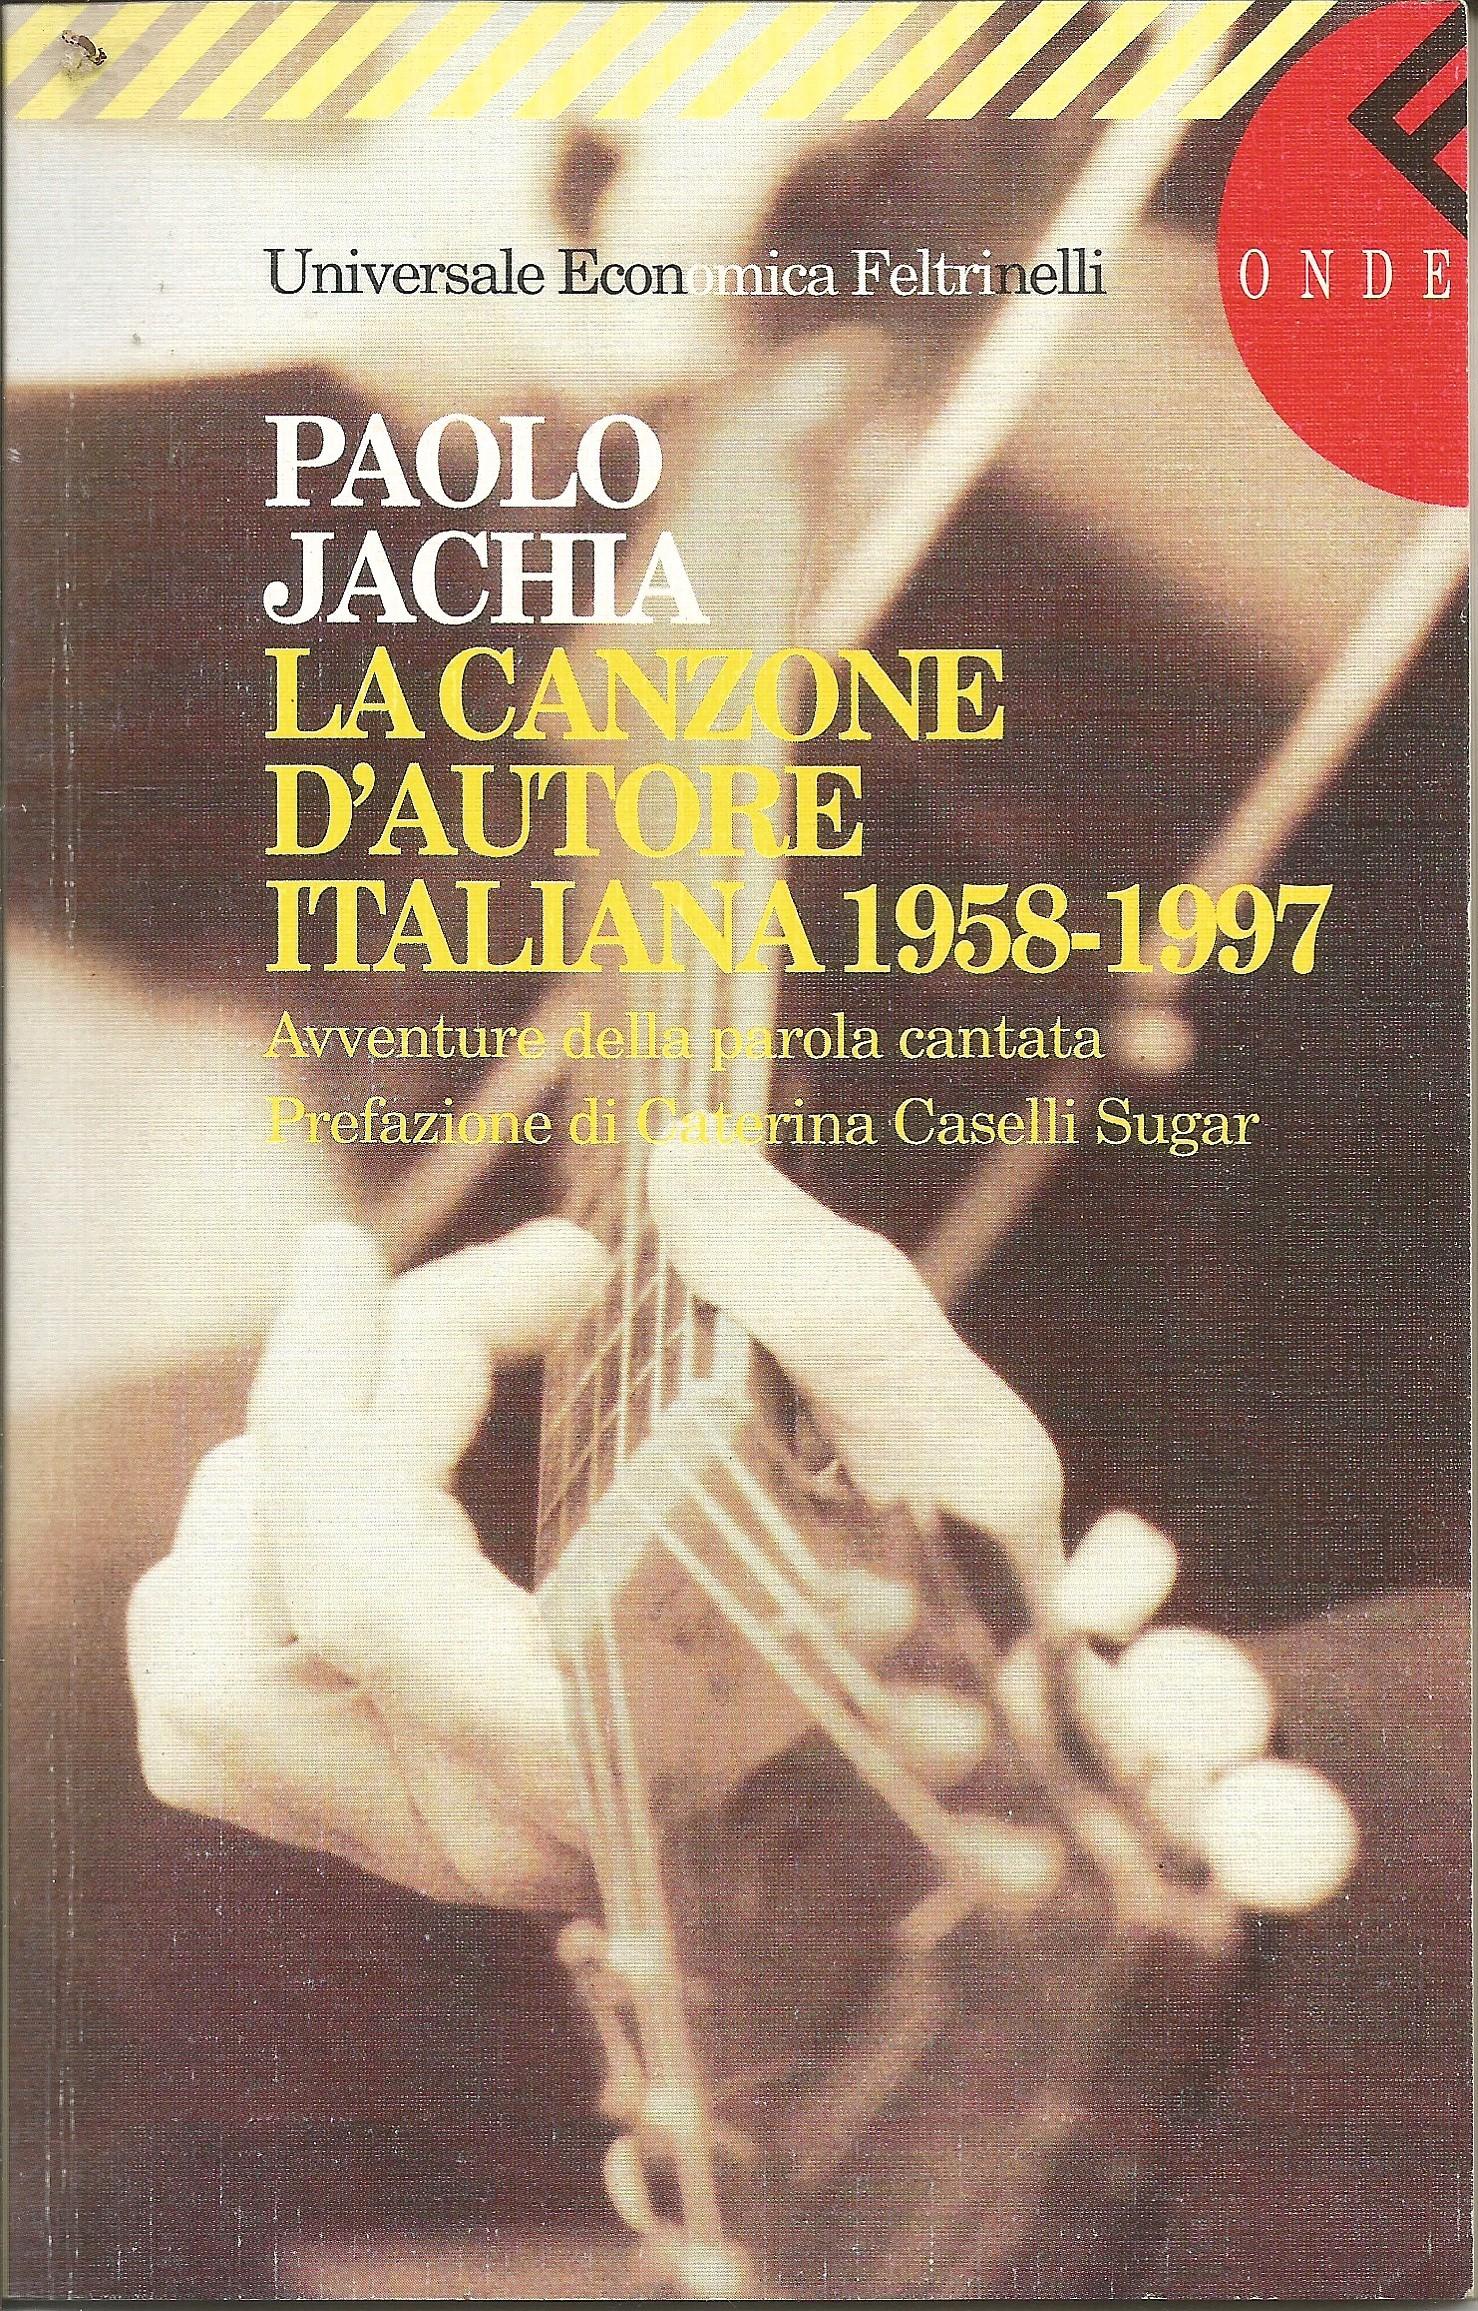 La canzone d'autore italiana (1958-1997)